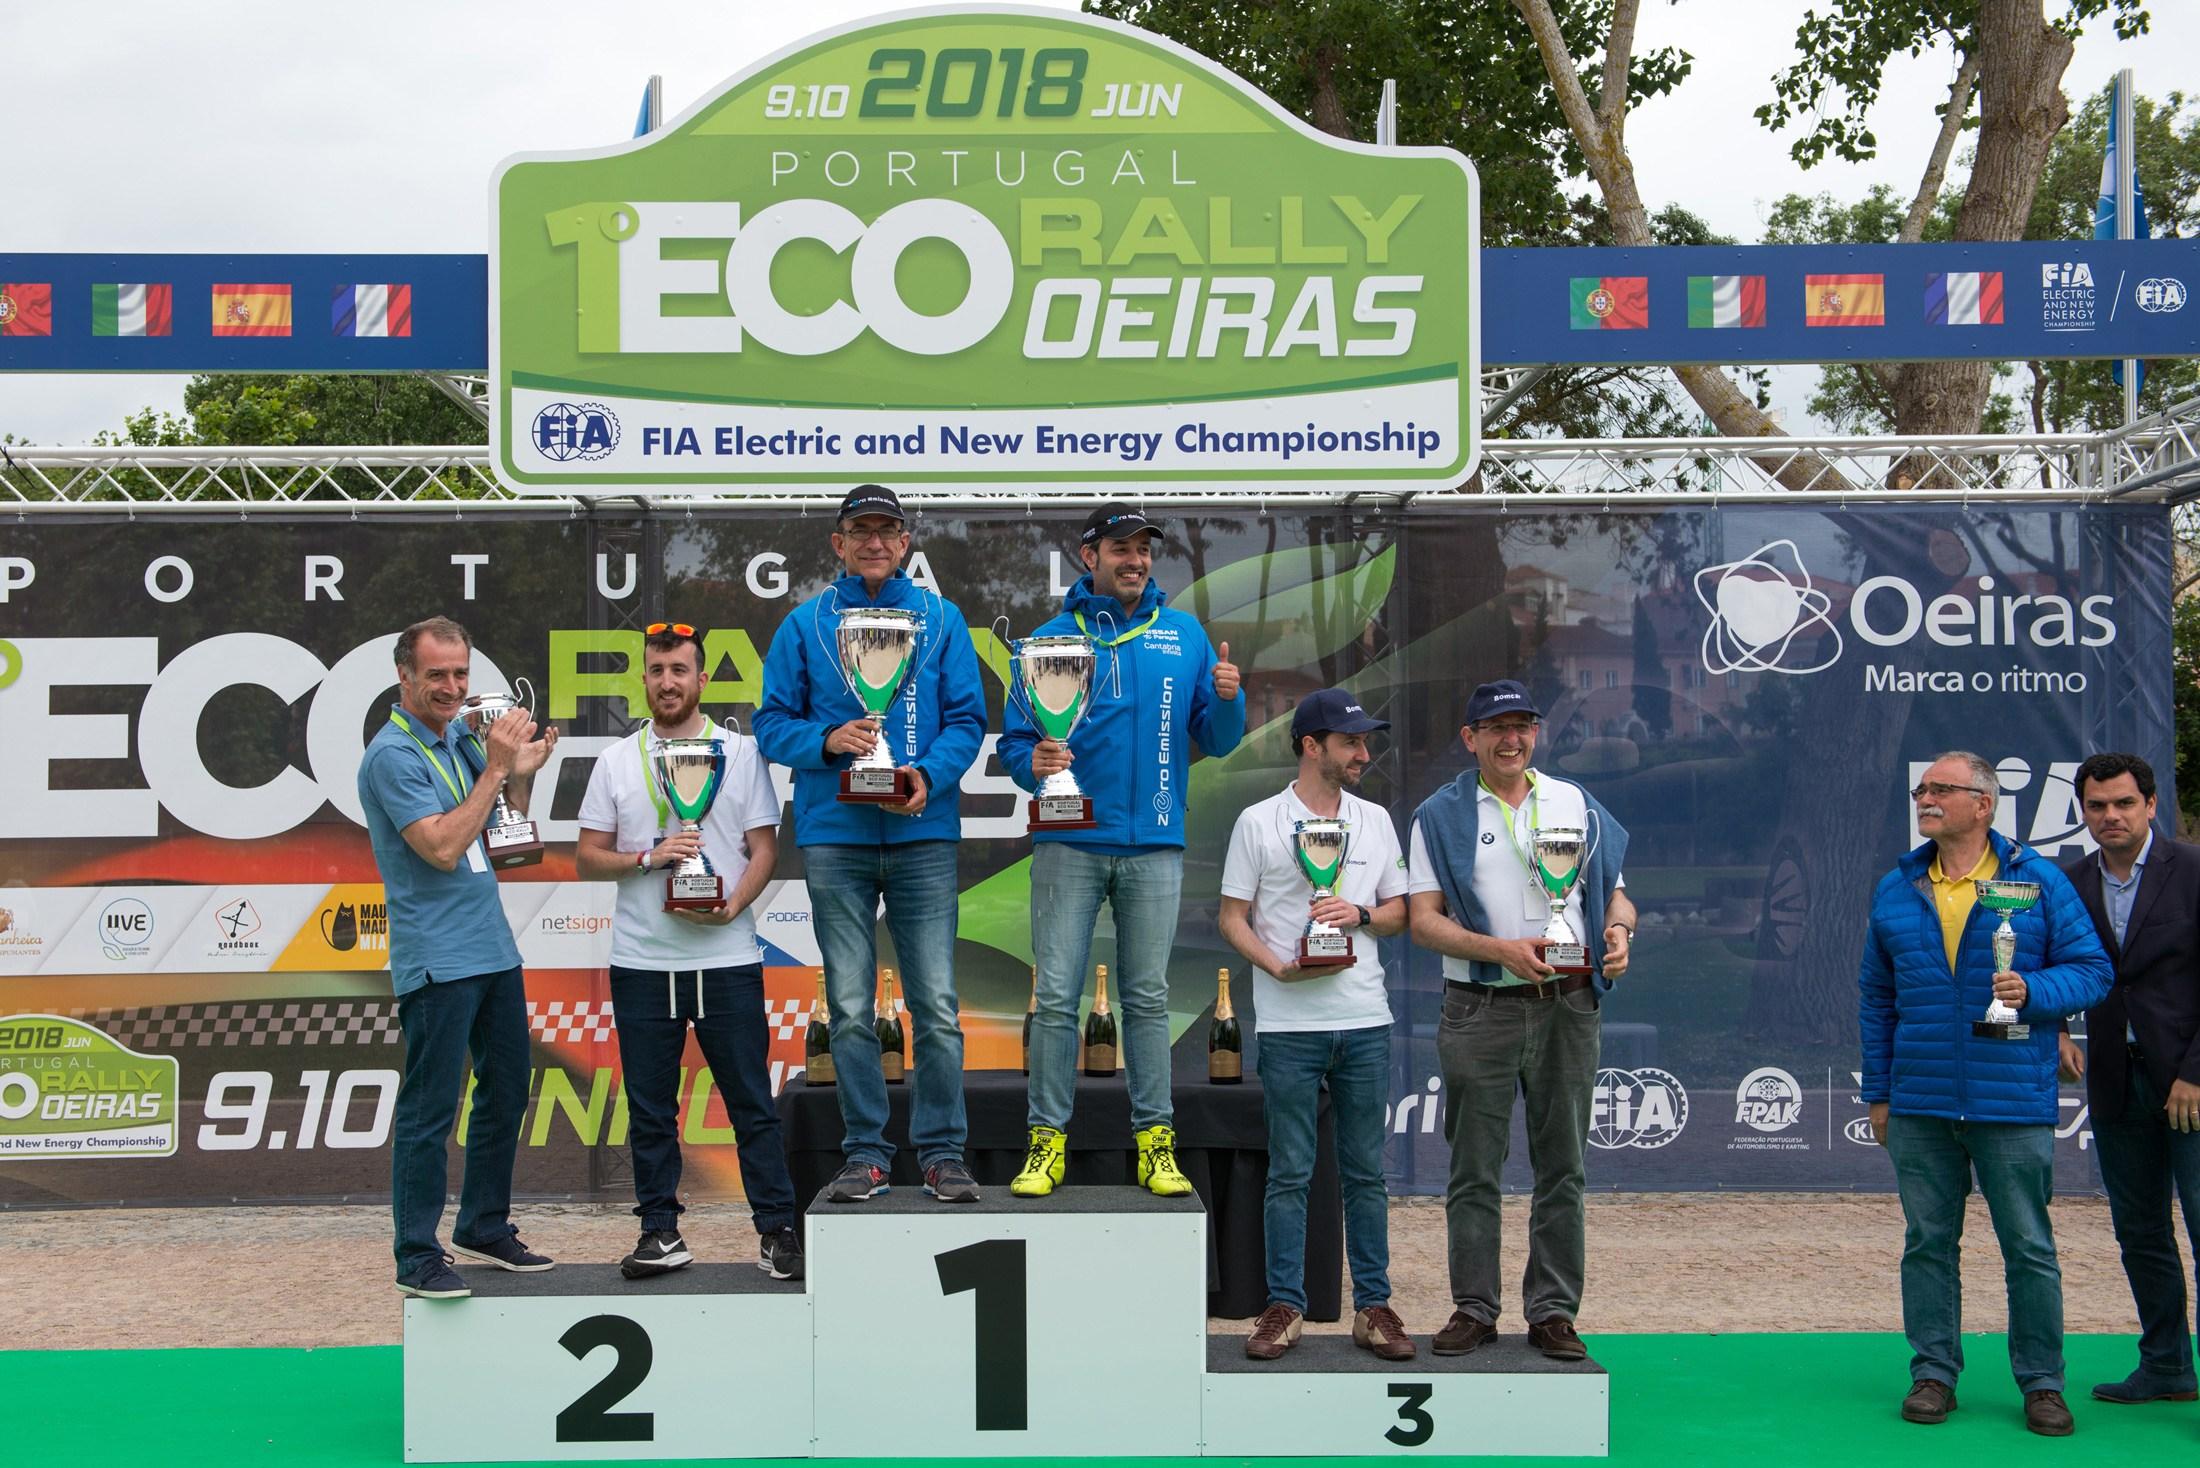 Νίκη για τη Nissan #ecoteam στο EcoRallye Πορτογαλίας